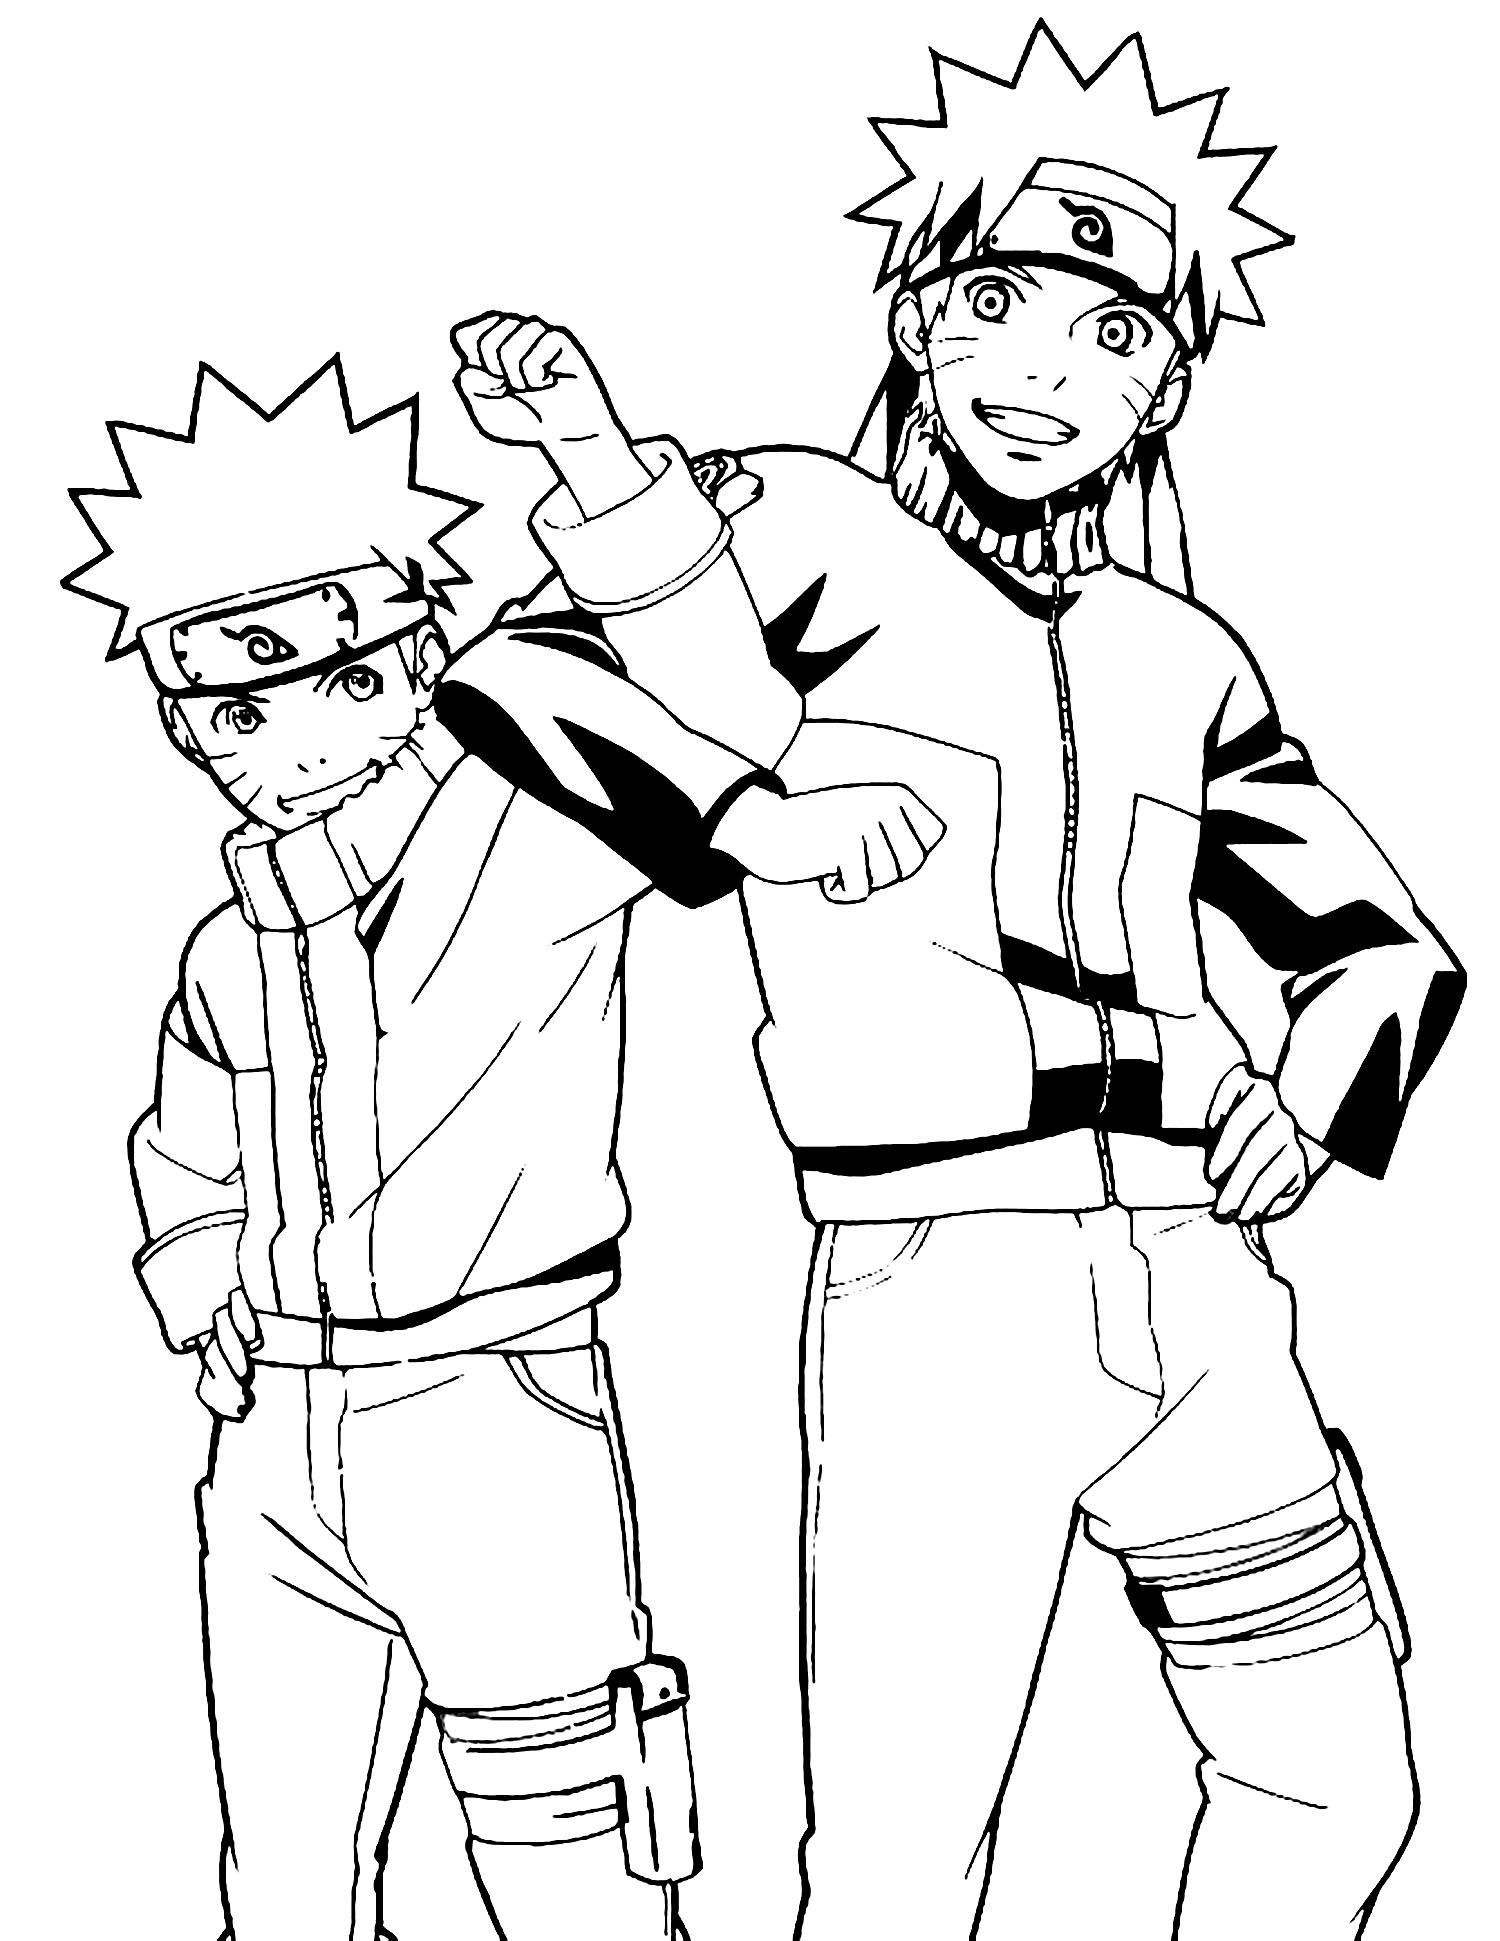 Naruto et Sasuki - Coloriage Naruto - Coloriages pour enfants